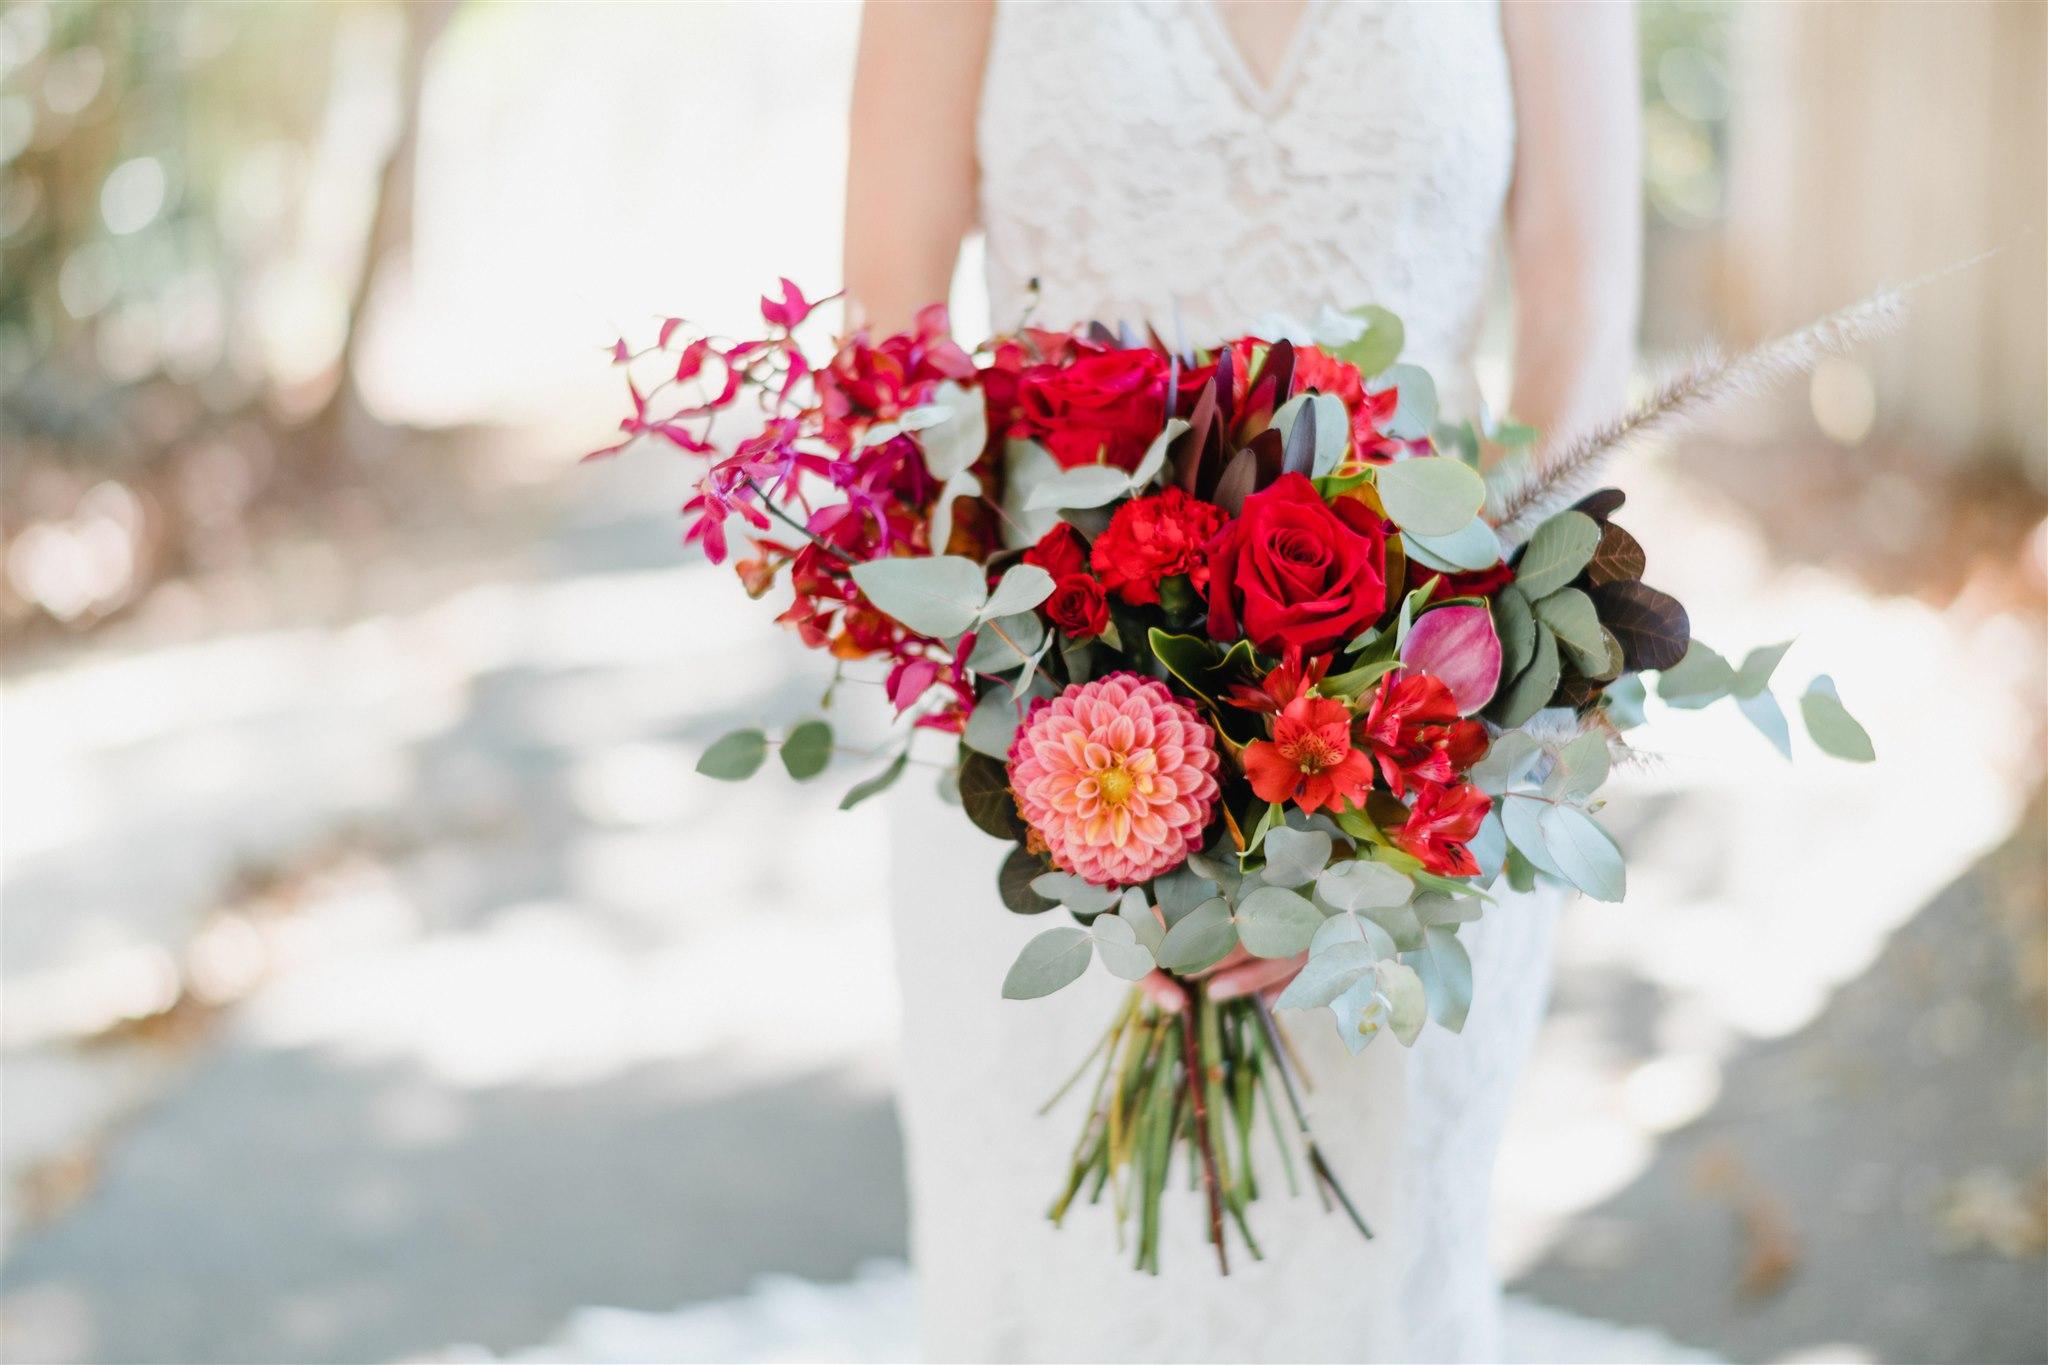 Maddie's Summergrove wedding. Florals by Beautiflora. Photograph by Gabriel Veit.